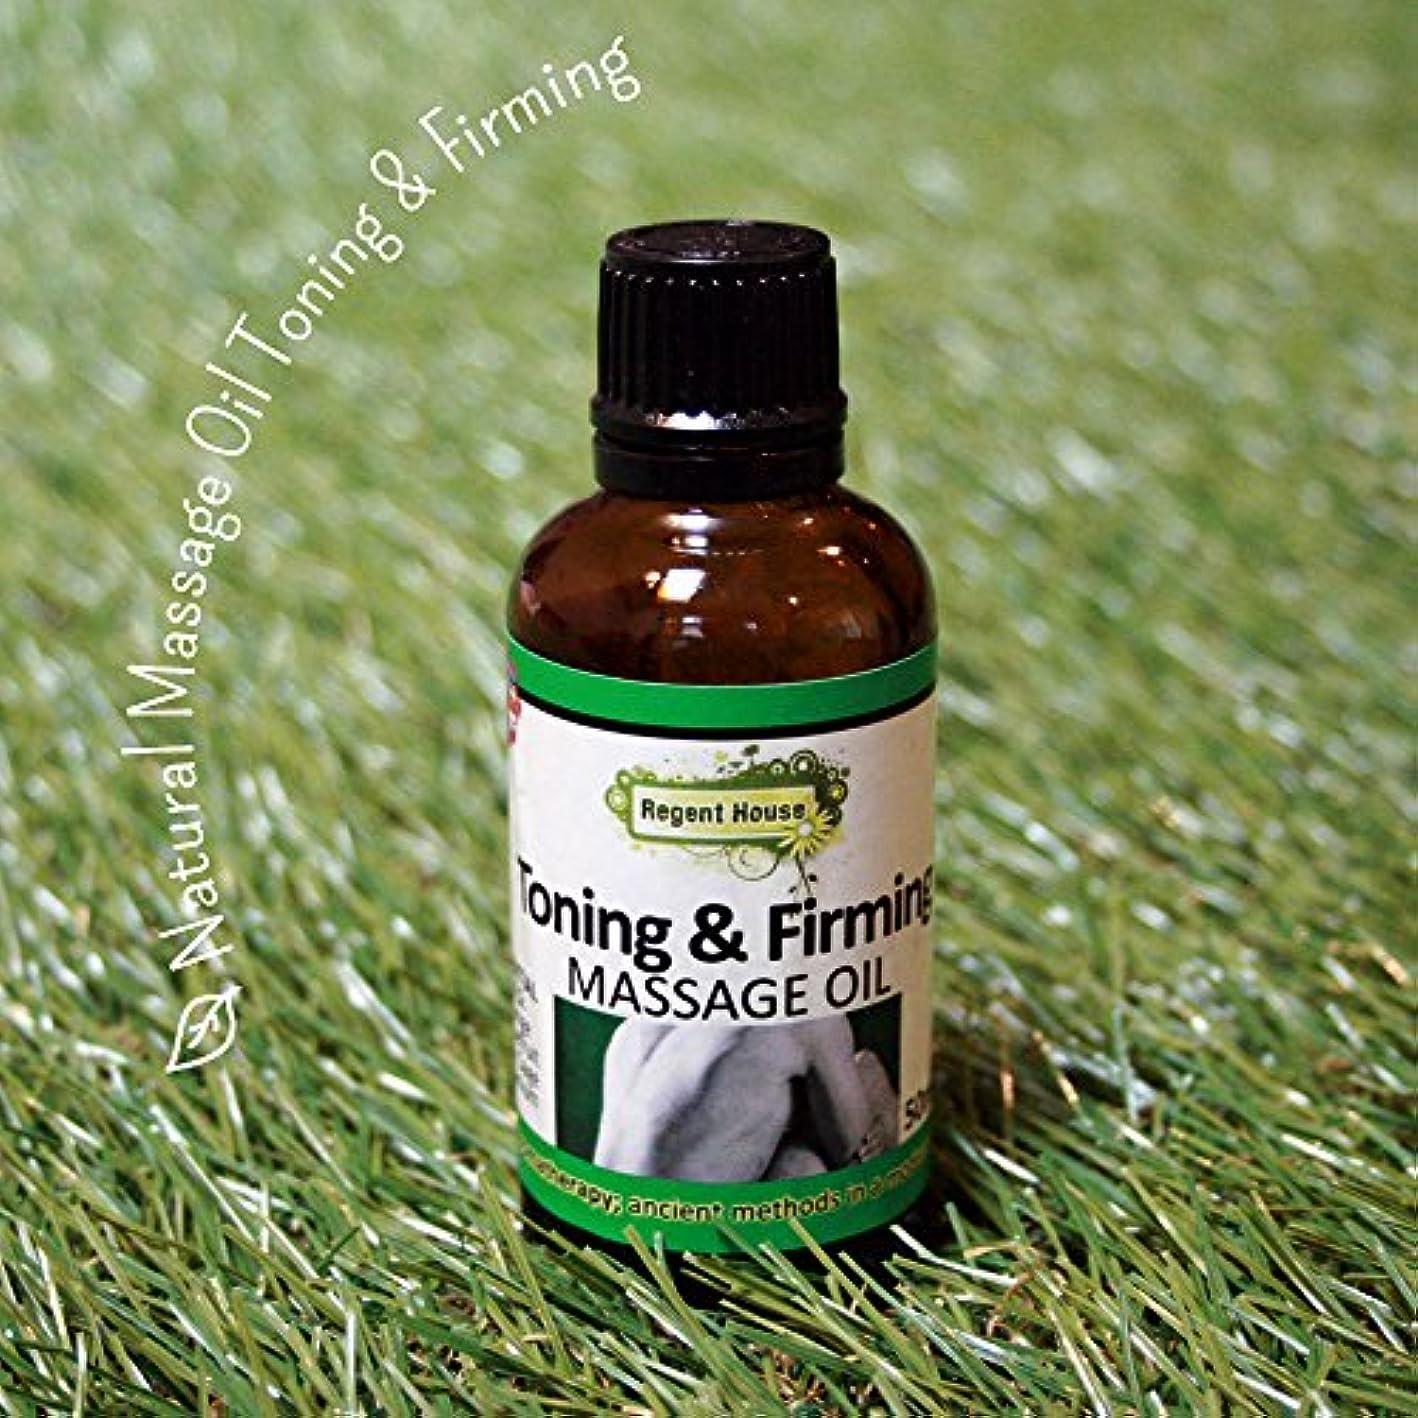 プラスゲインセイペリスコープ天然オレンジと天然グレープフルーツのコンビ。 アロマ ナチュラル マッサージオイル 50ml トニング&ファーミング(Aroma Massage Oil Toning & Firming)<BR>